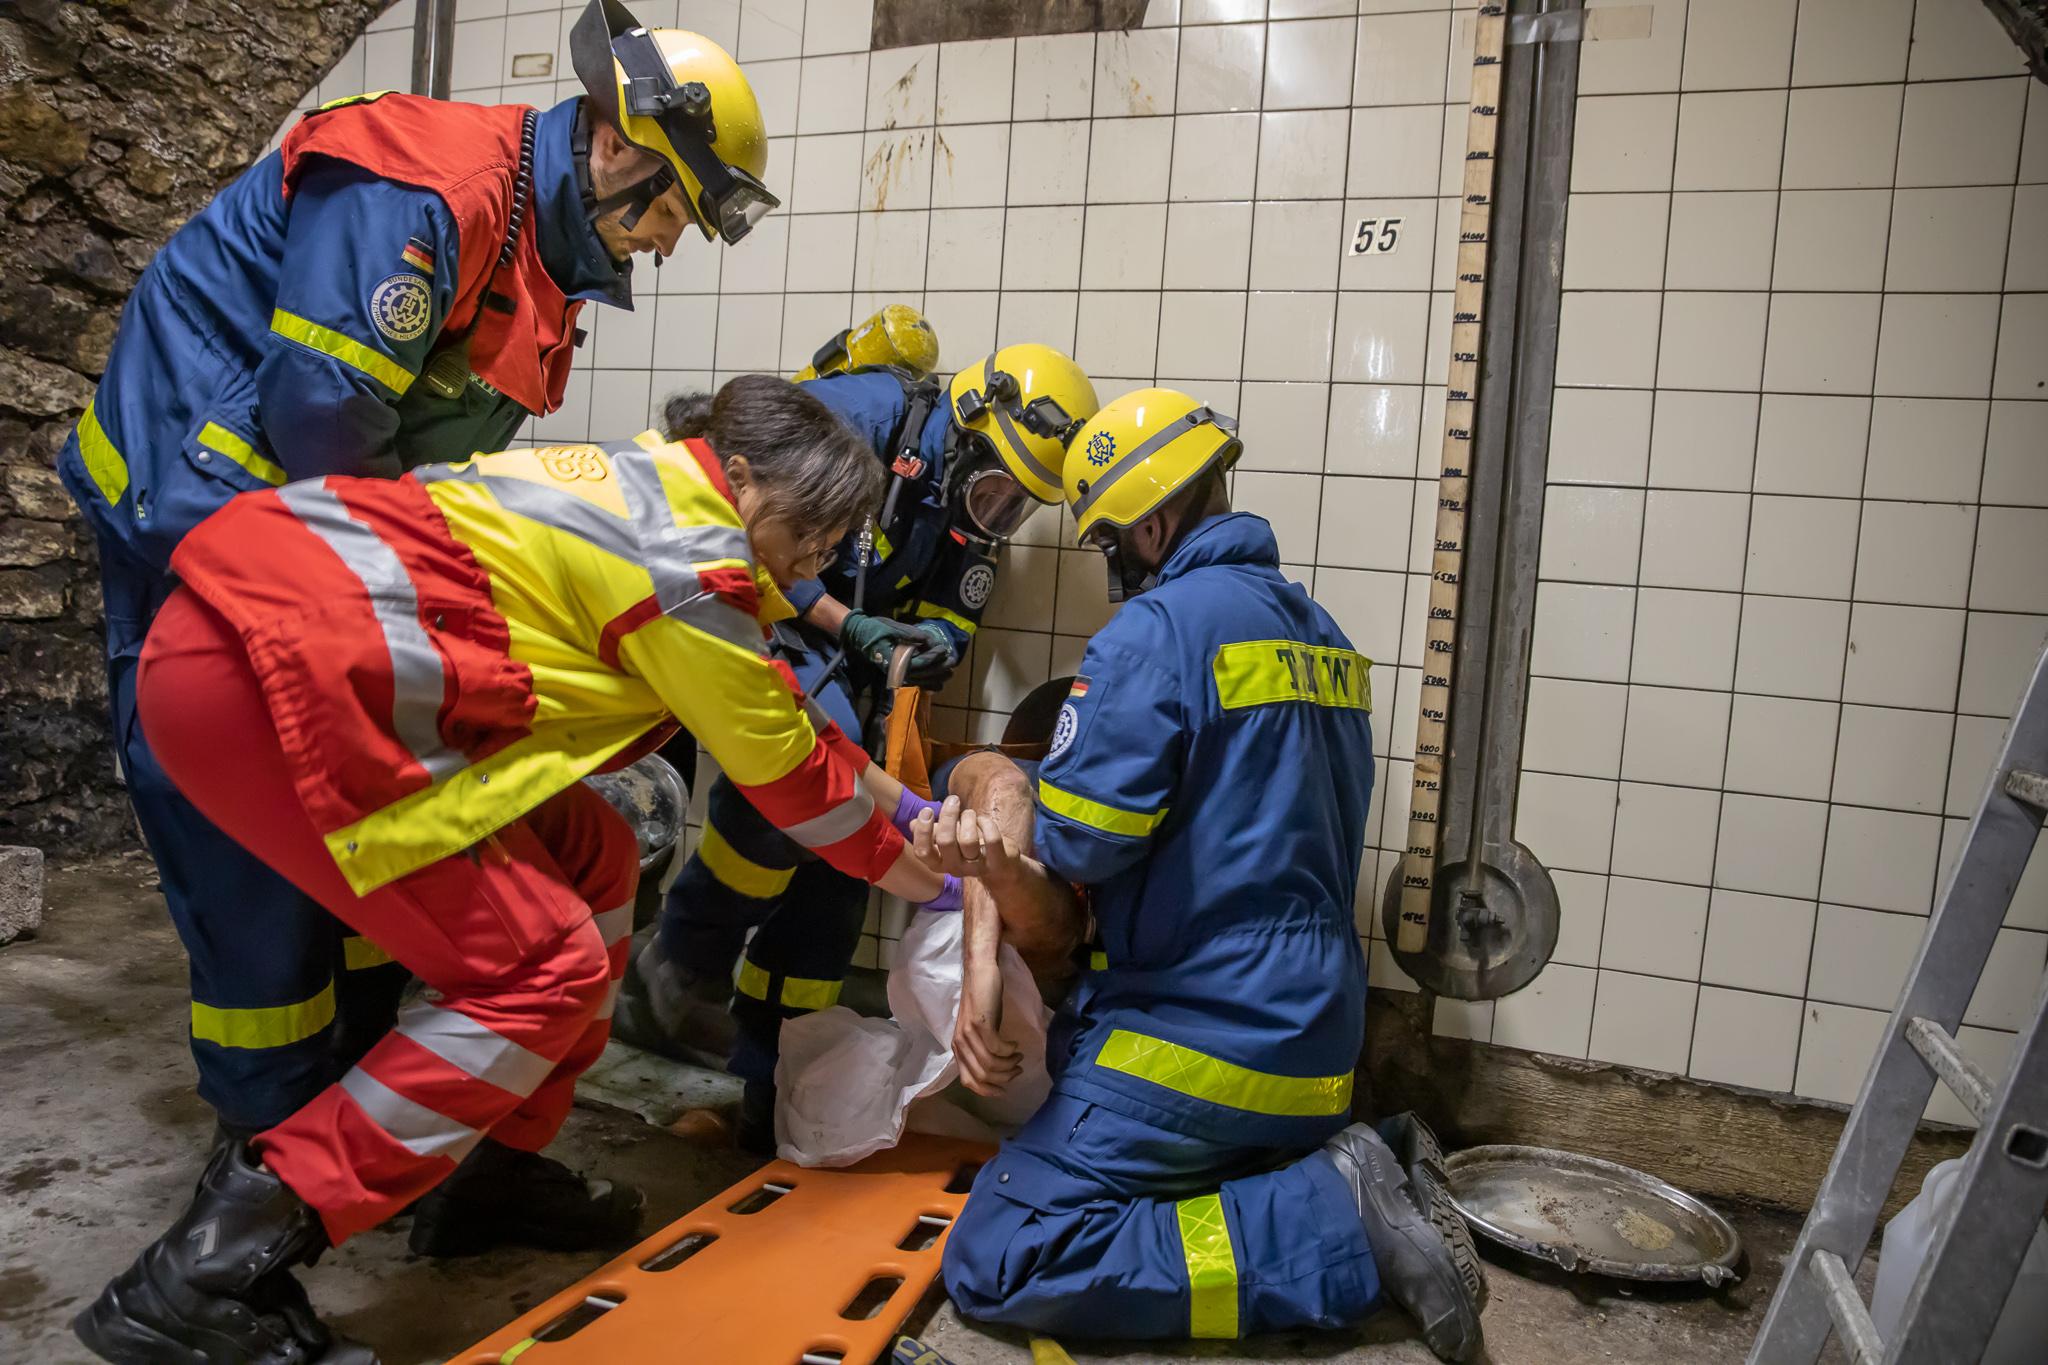 FeuerwehrSim 2019 Weinkeller-17